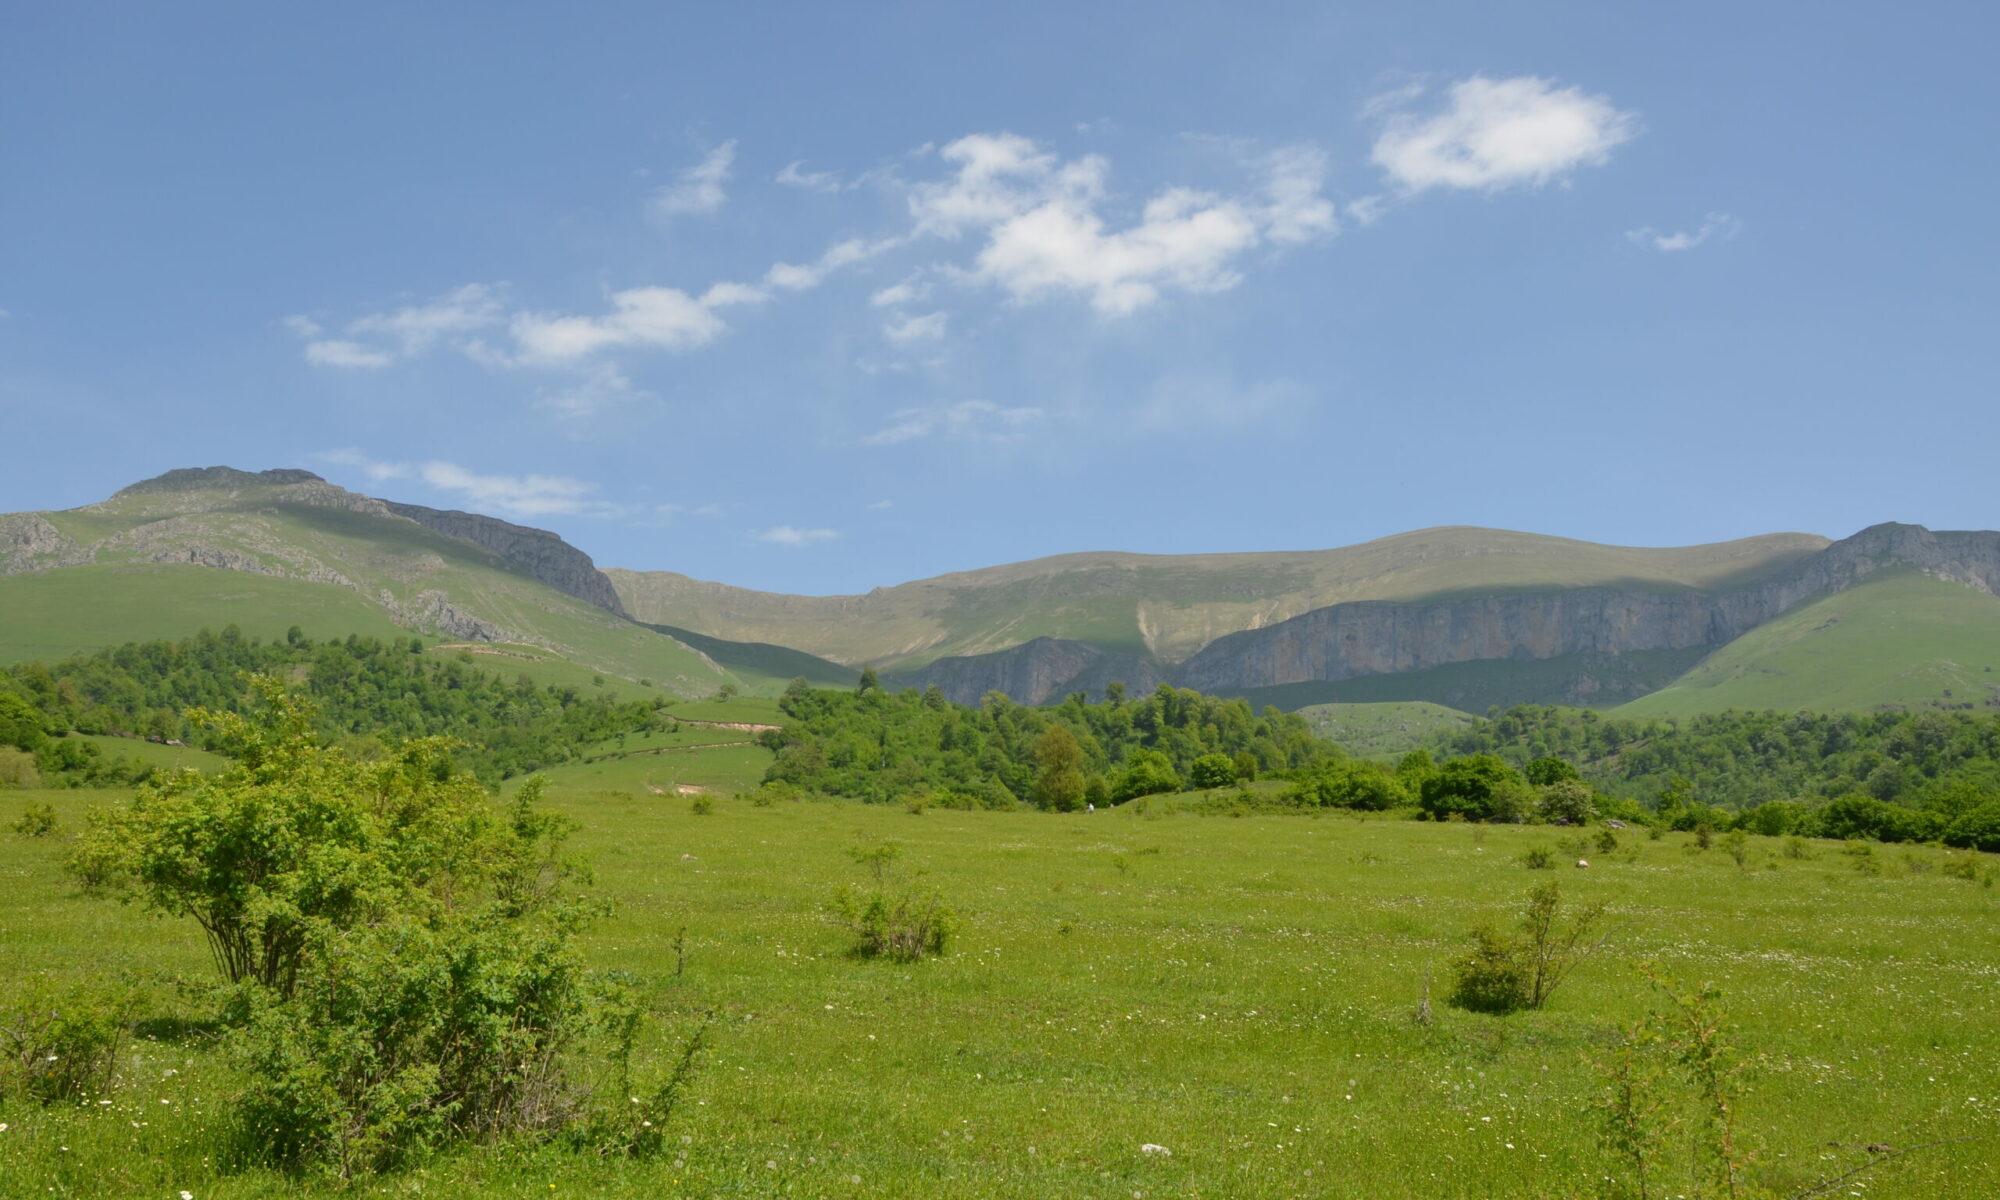 Mission Archéologique Caucase